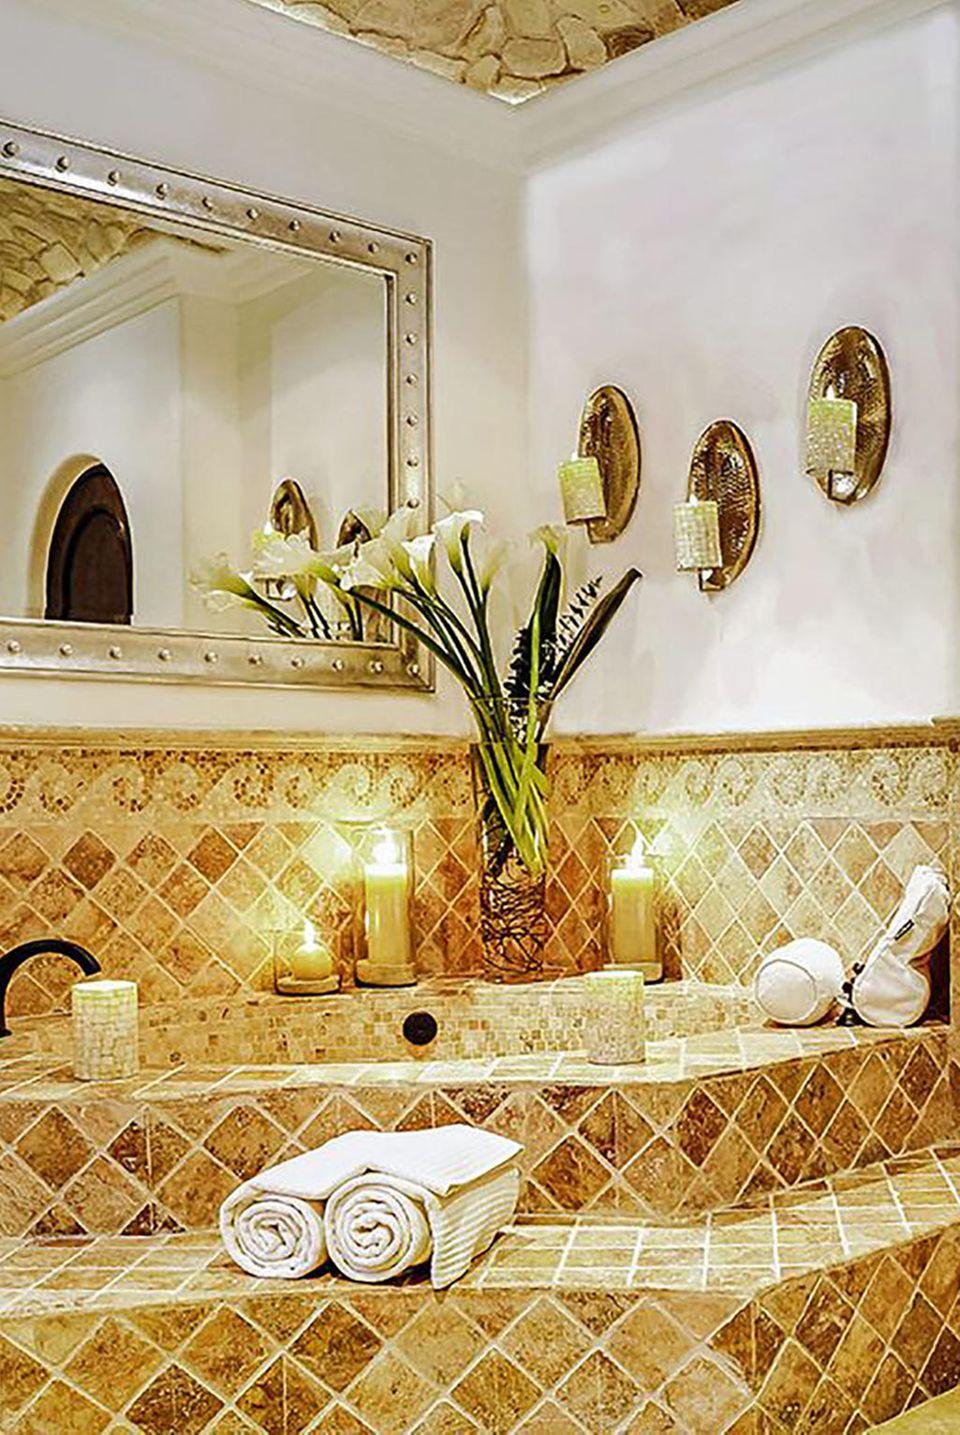 Unter ihren Gästen waren die Superstars: Cindy Crawford, Kris Jenner und Nina Dobrev, die sich unter anderem von solch luxuriösen Badezimmern haben verwöhnen lassen.